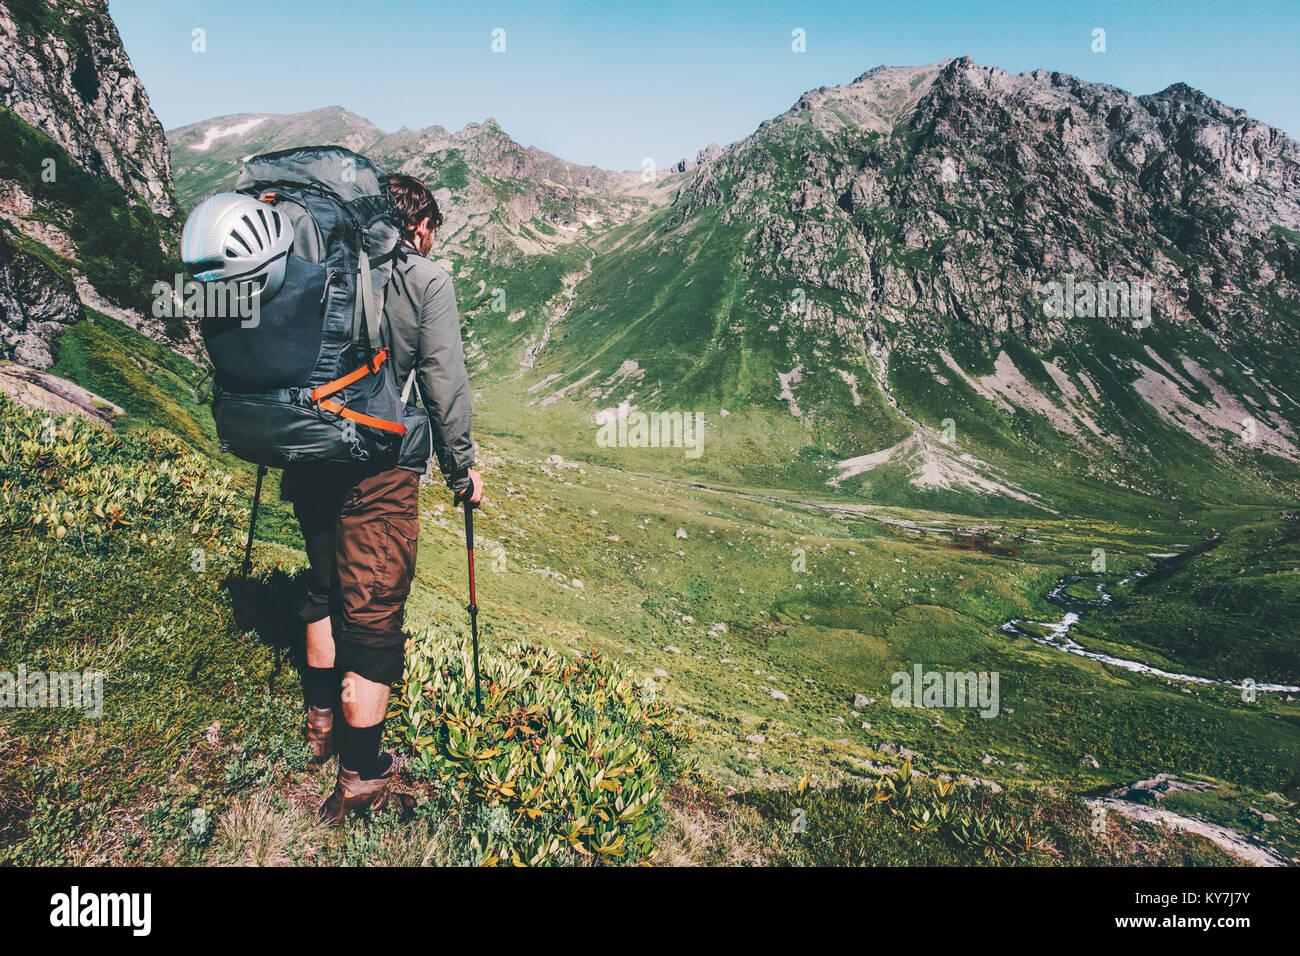 Homme randonnée dans les montagnes avec des gros sac à dos style voyage wanderlust adventure concept été Photo Stock